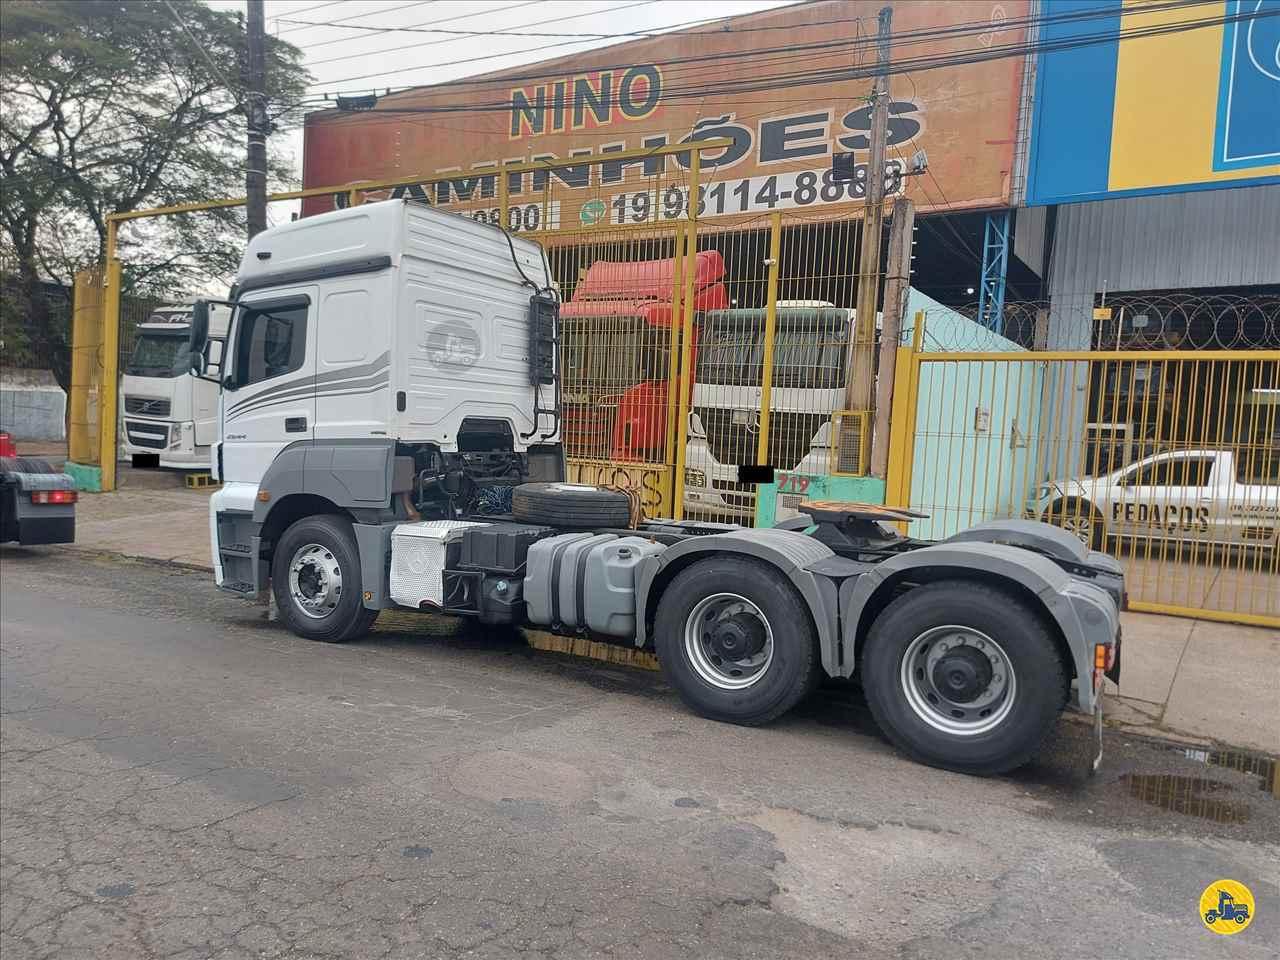 MB 2644 de Nino Caminhões - CAMPINAS/SP